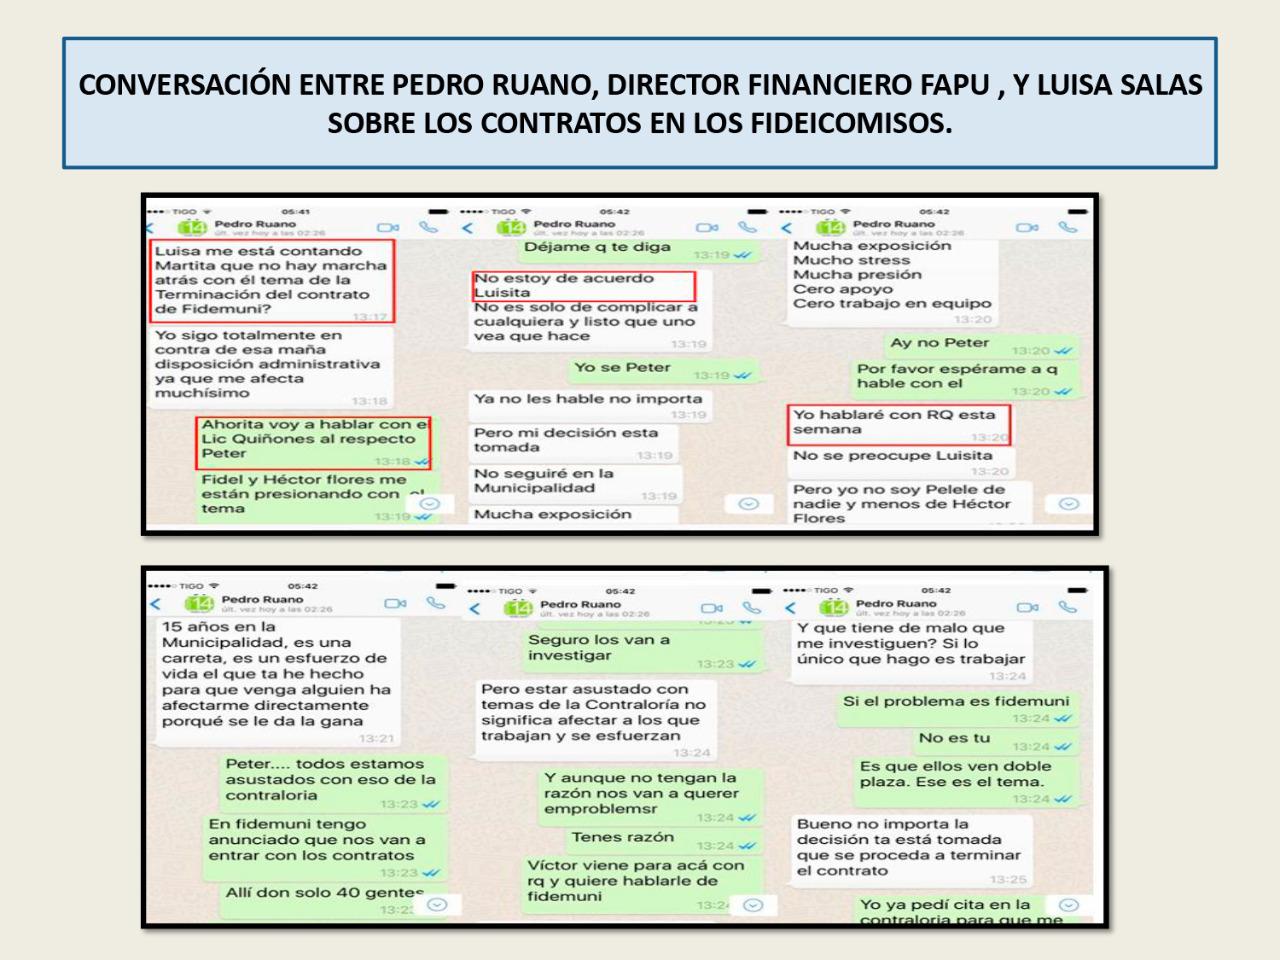 Conversaciones sobre los contratos de los fideicomisos.